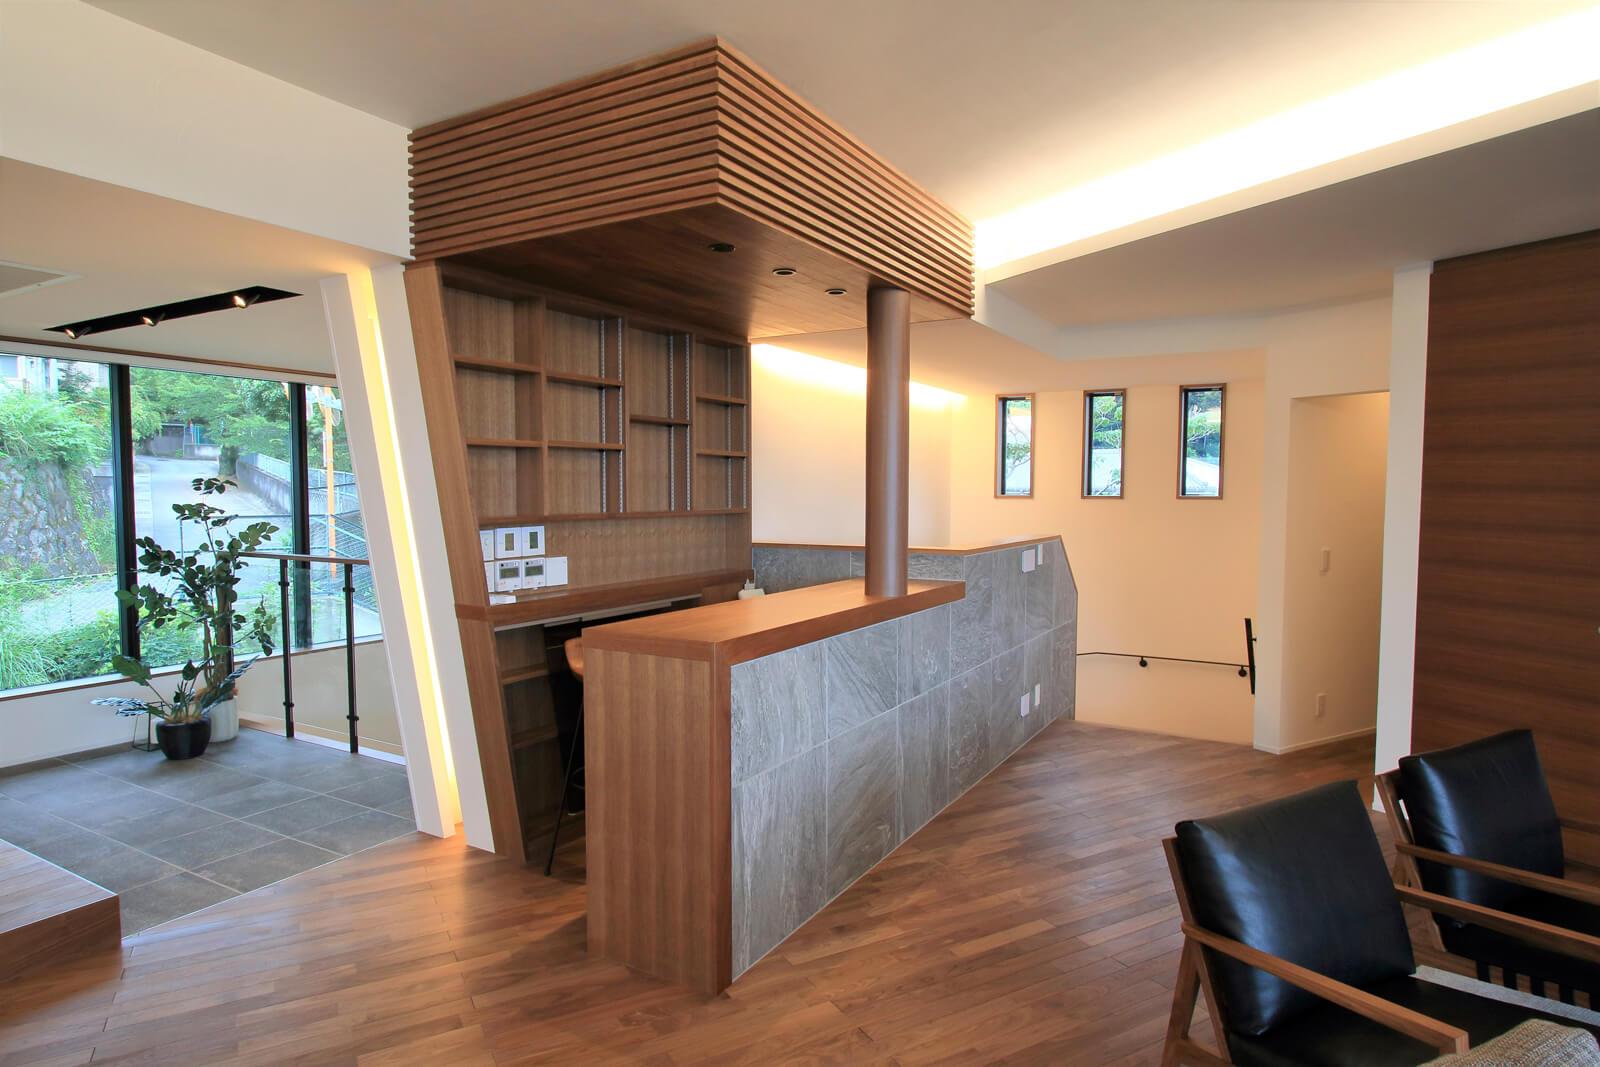 リビングに設置されたバーカウンター。来客時のウェルカムドリンクを提供する